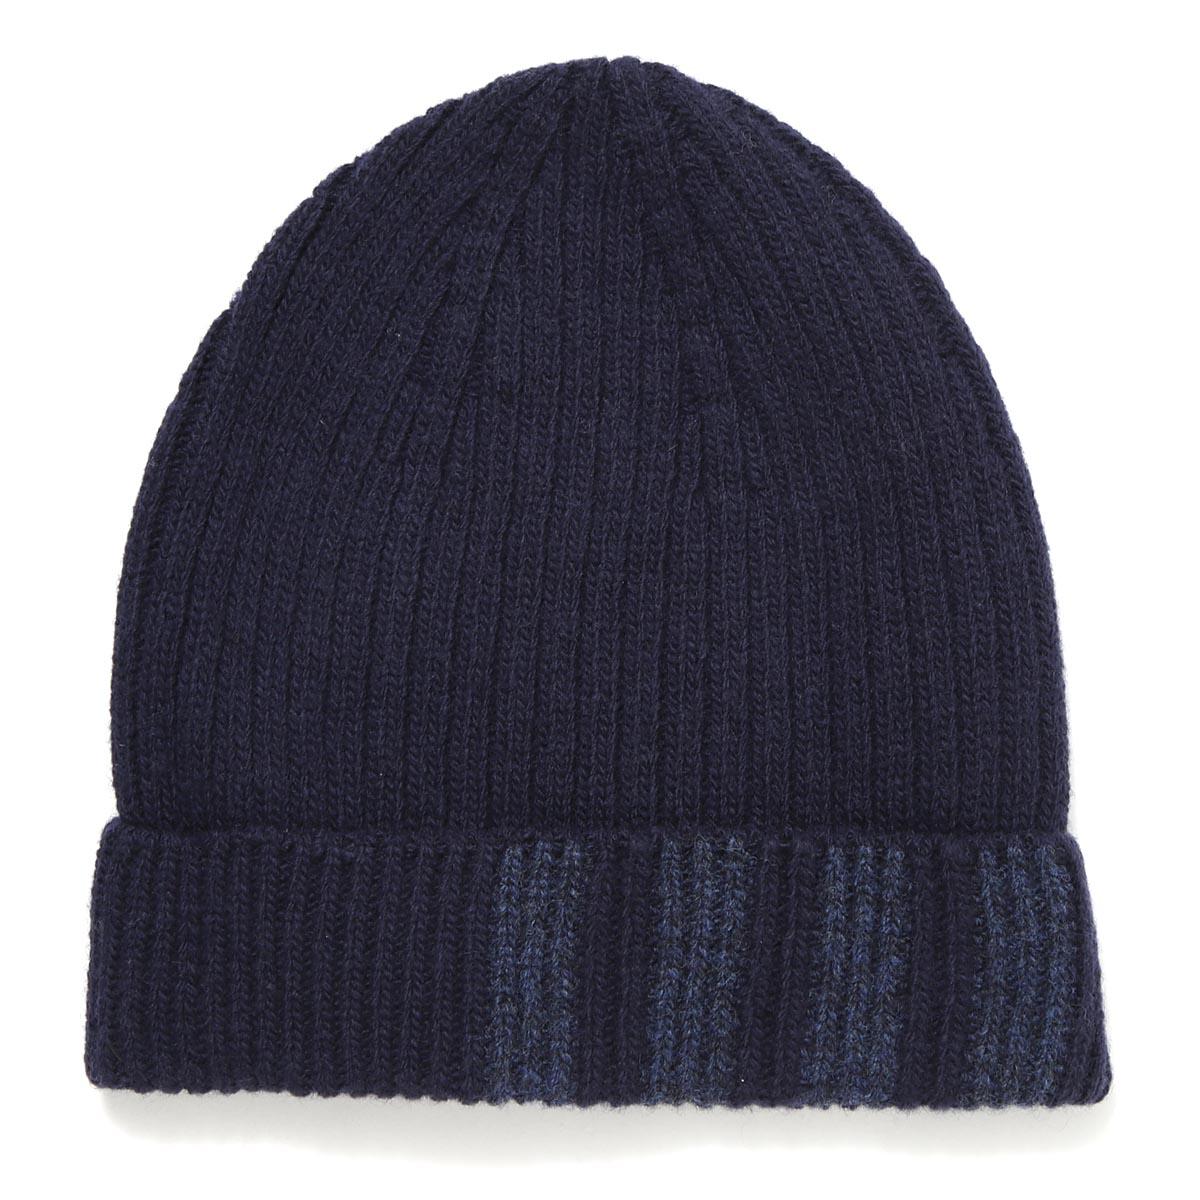 メンズ帽子, キャップ  THOM BROWNE. mkh009c 00014 415 RIB 4-BAR HAT